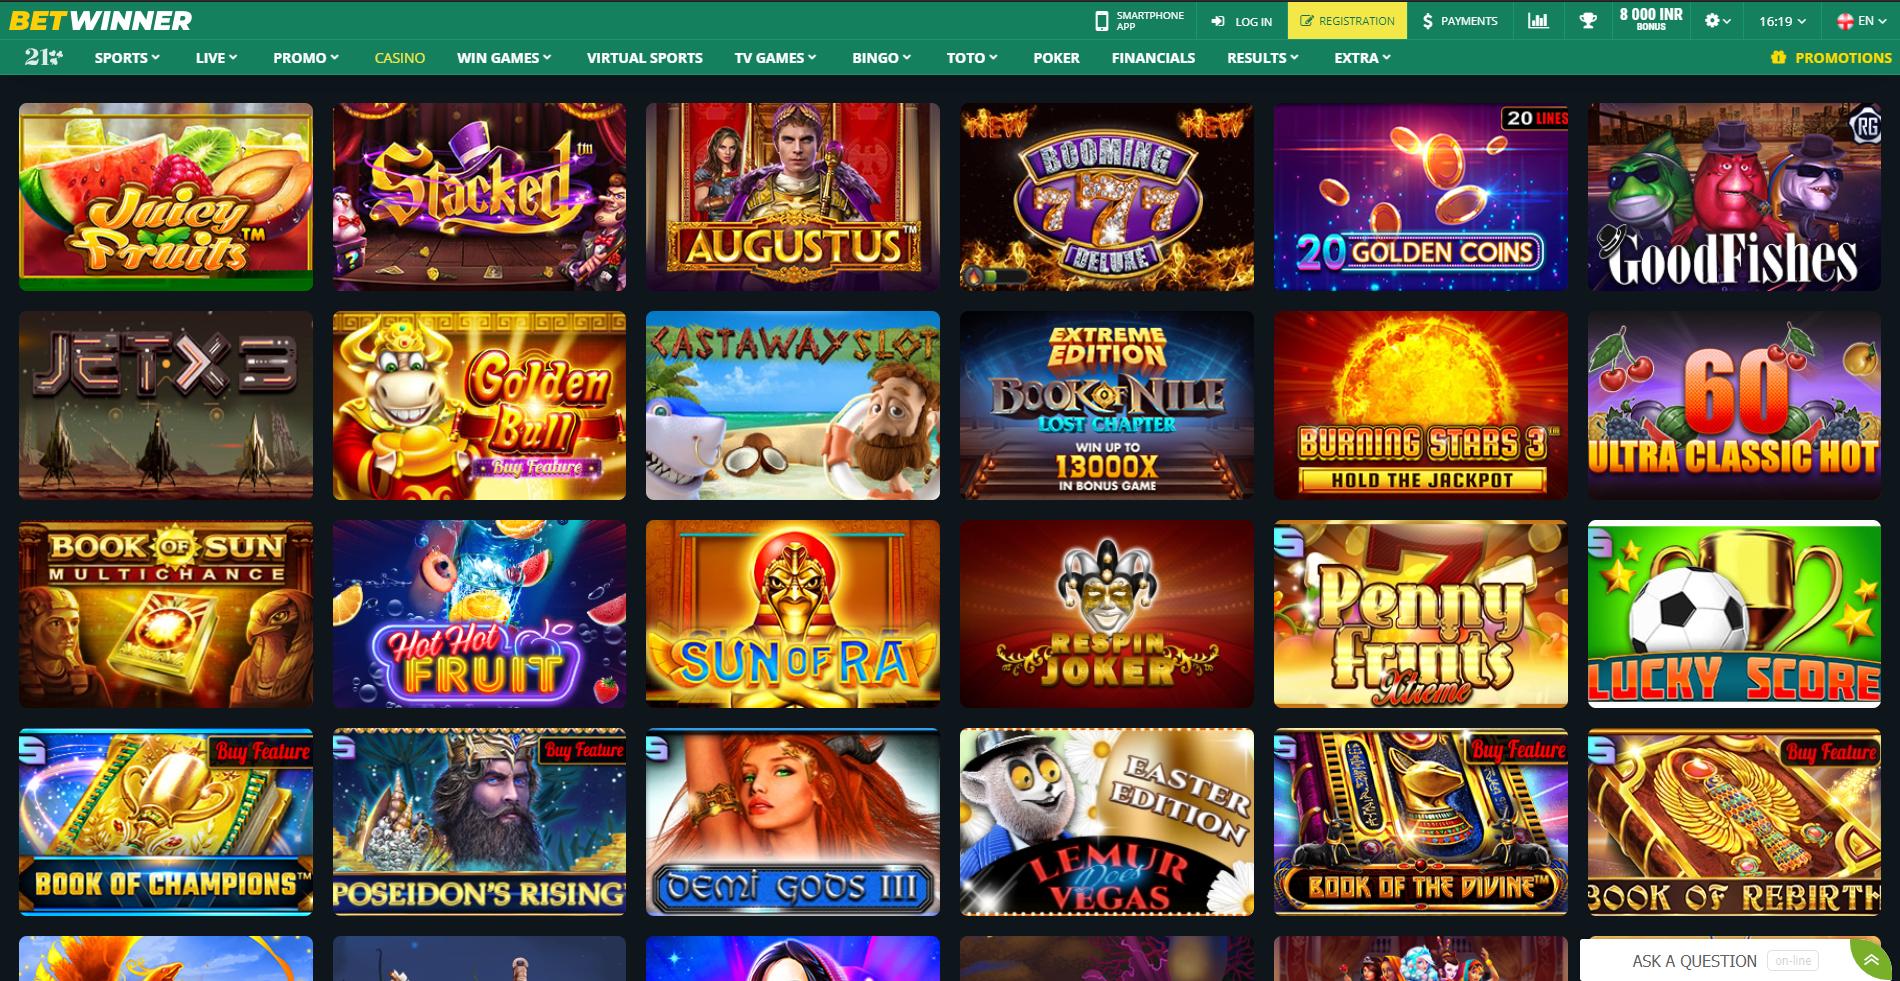 Betwinner online casino